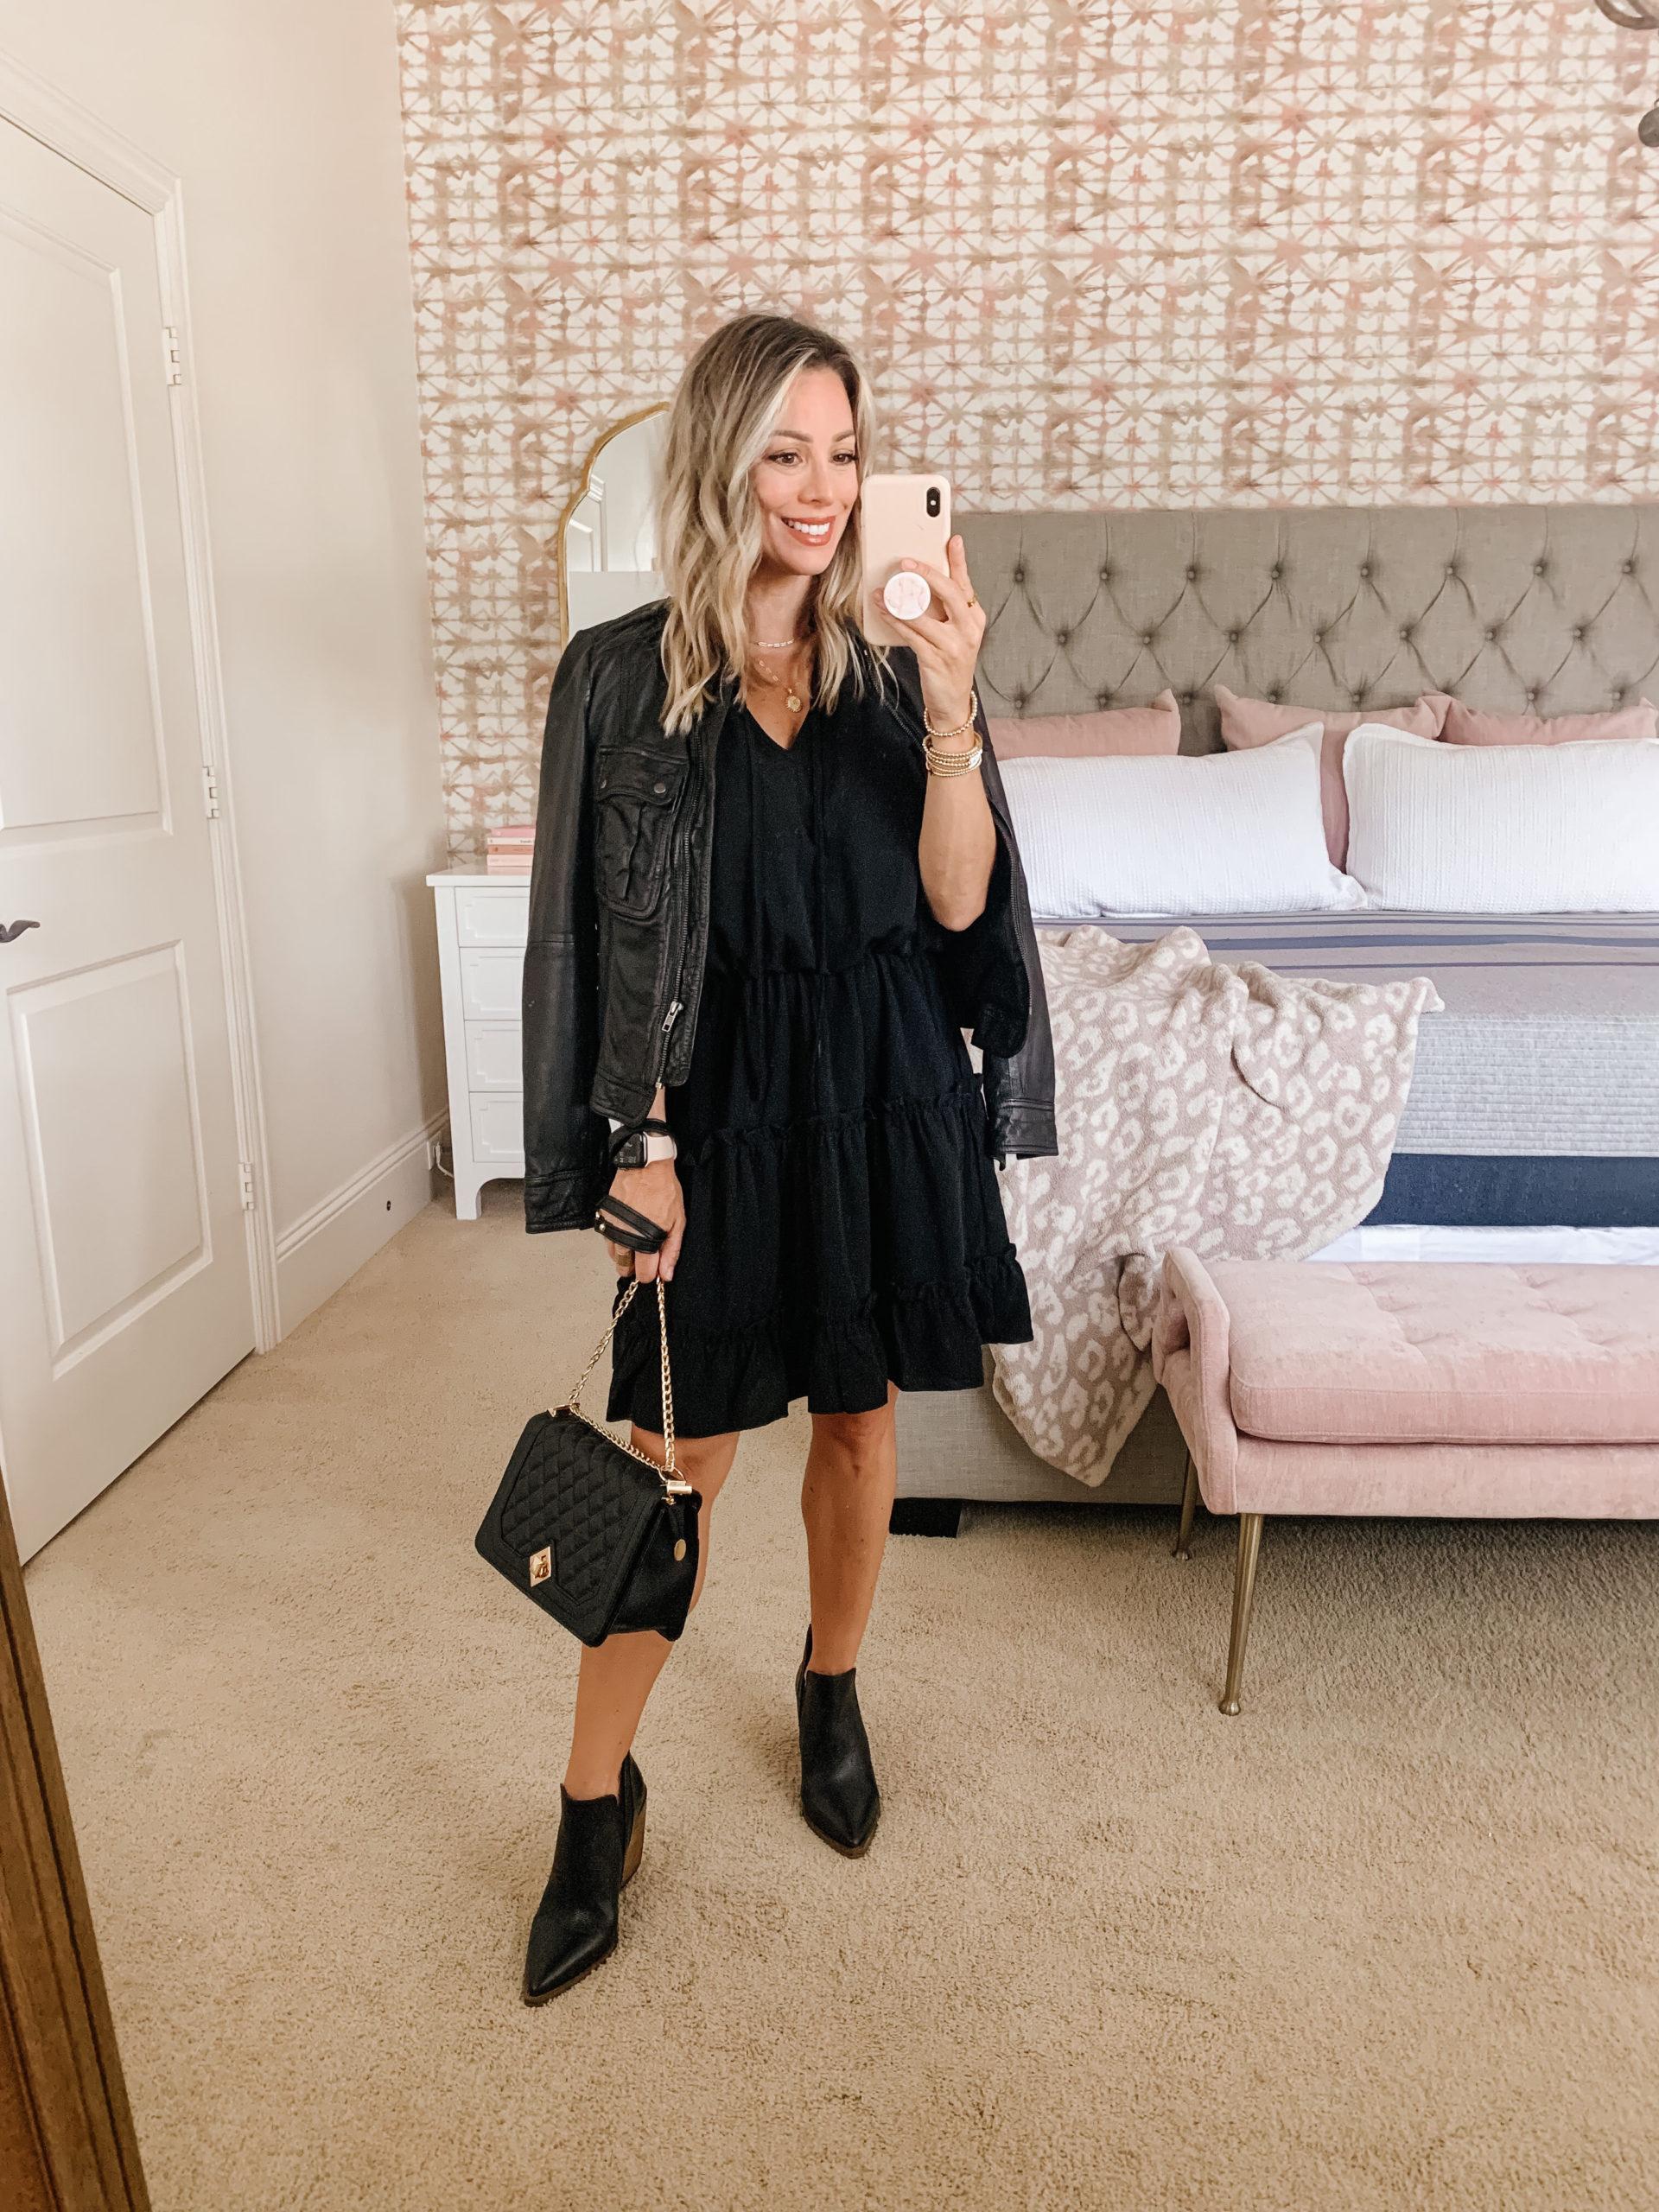 Amazon Fashion, Black Dress, Sandals, Crossbody , Leather Jacket